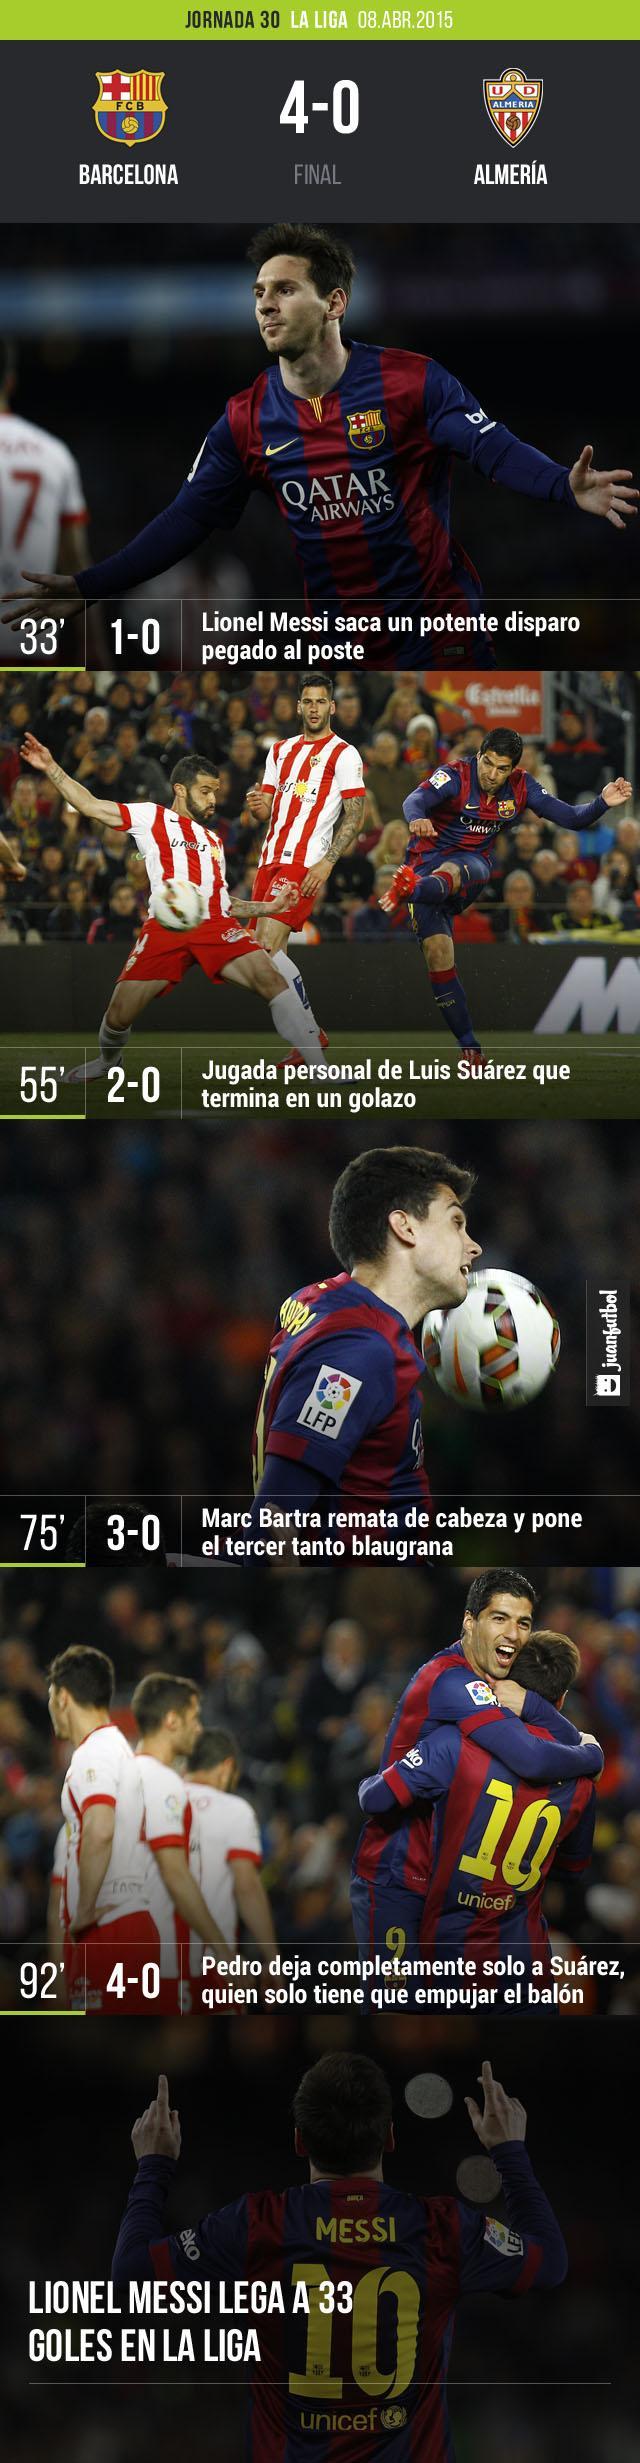 El Barcelona derrota 4-0 al Almería en duelo correspondiente a la jornada 30 de  La Liga. Los goles fueron obra de Lionel Messi,  Bartra y Luis Suárez.